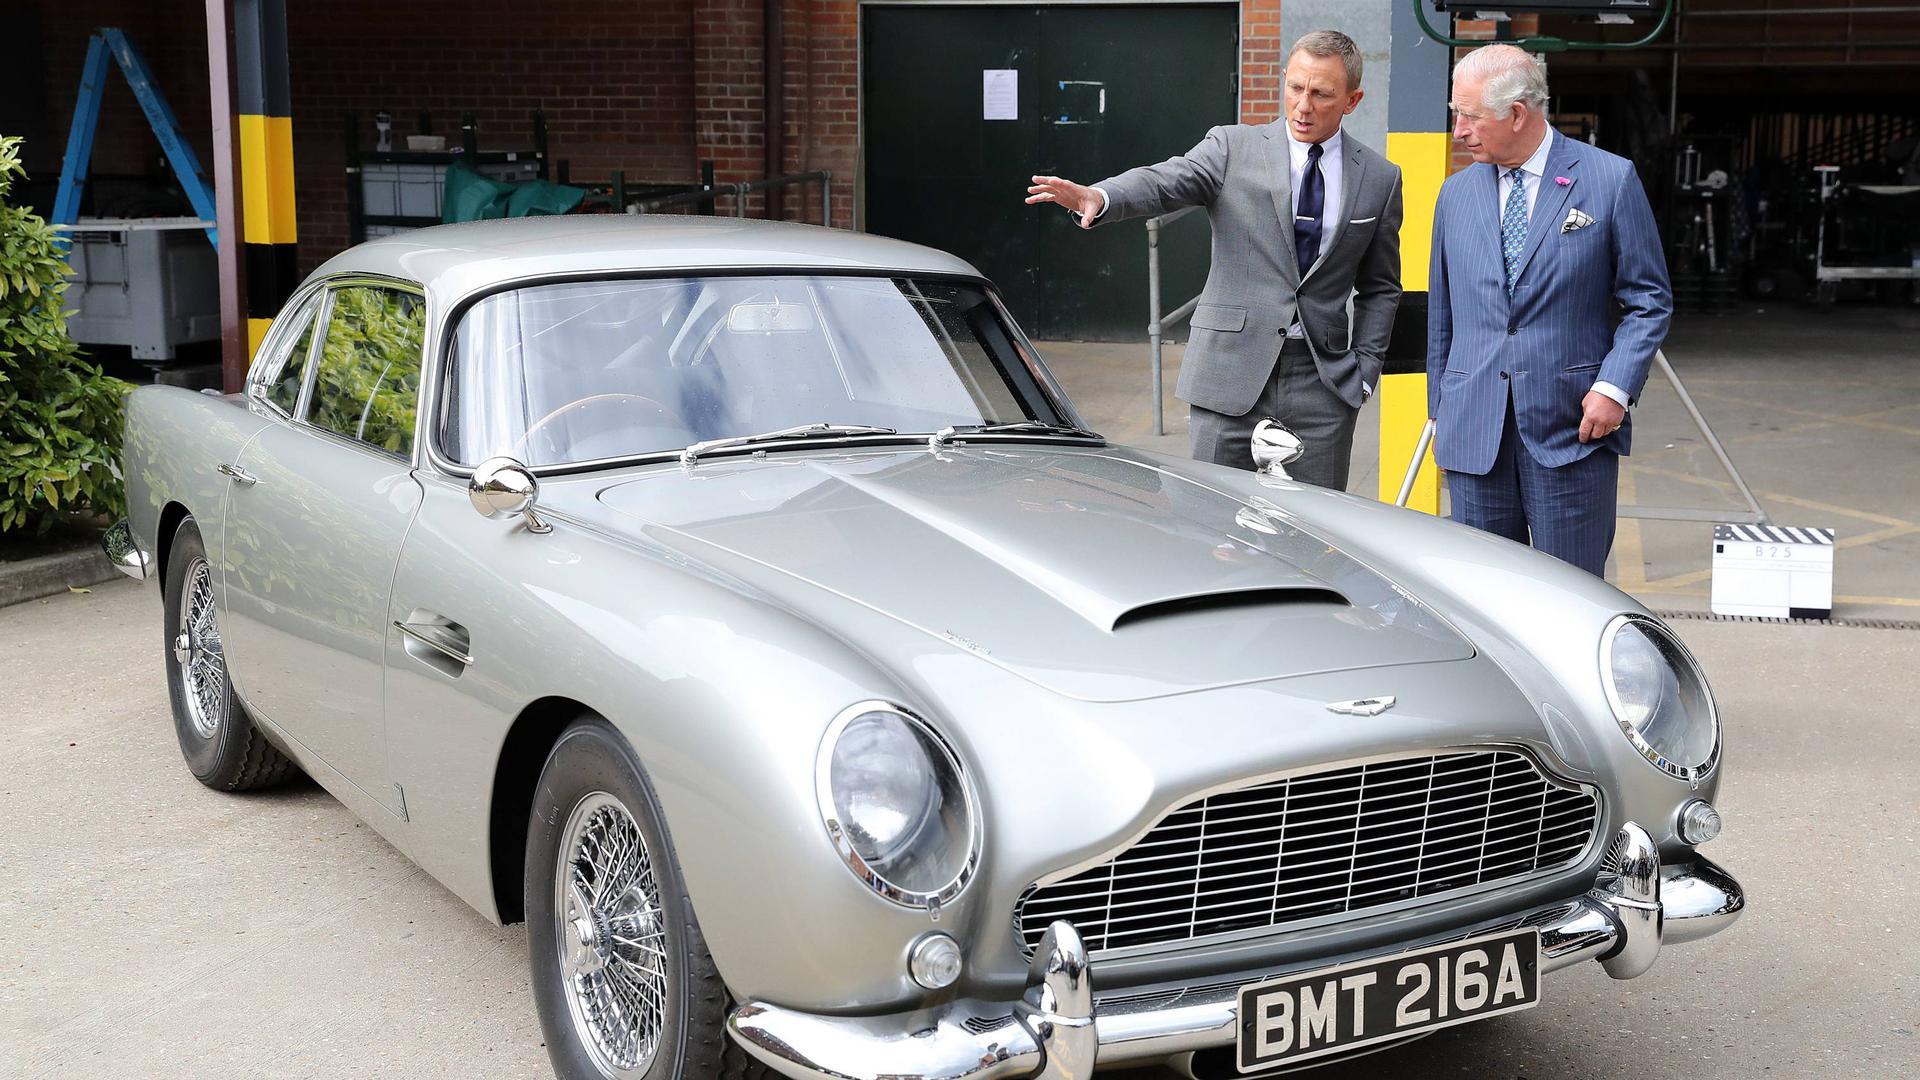 20.06.2019, Großbritannien, Iver Heath: Charles (r), britischer Prinz von Wales, steht mit dem Schauspieler Daniel Craig bei einem Besuch des Sets des 25. James-Bond-Films in den Pinewood Studios hinter dem Aston Martin DB5 Bond-Auto aus einem Bond-Film, während Craig spricht. Foto: Chris Jackson/PA Wire/dpa +++ dpa-Bildfunk +++ |